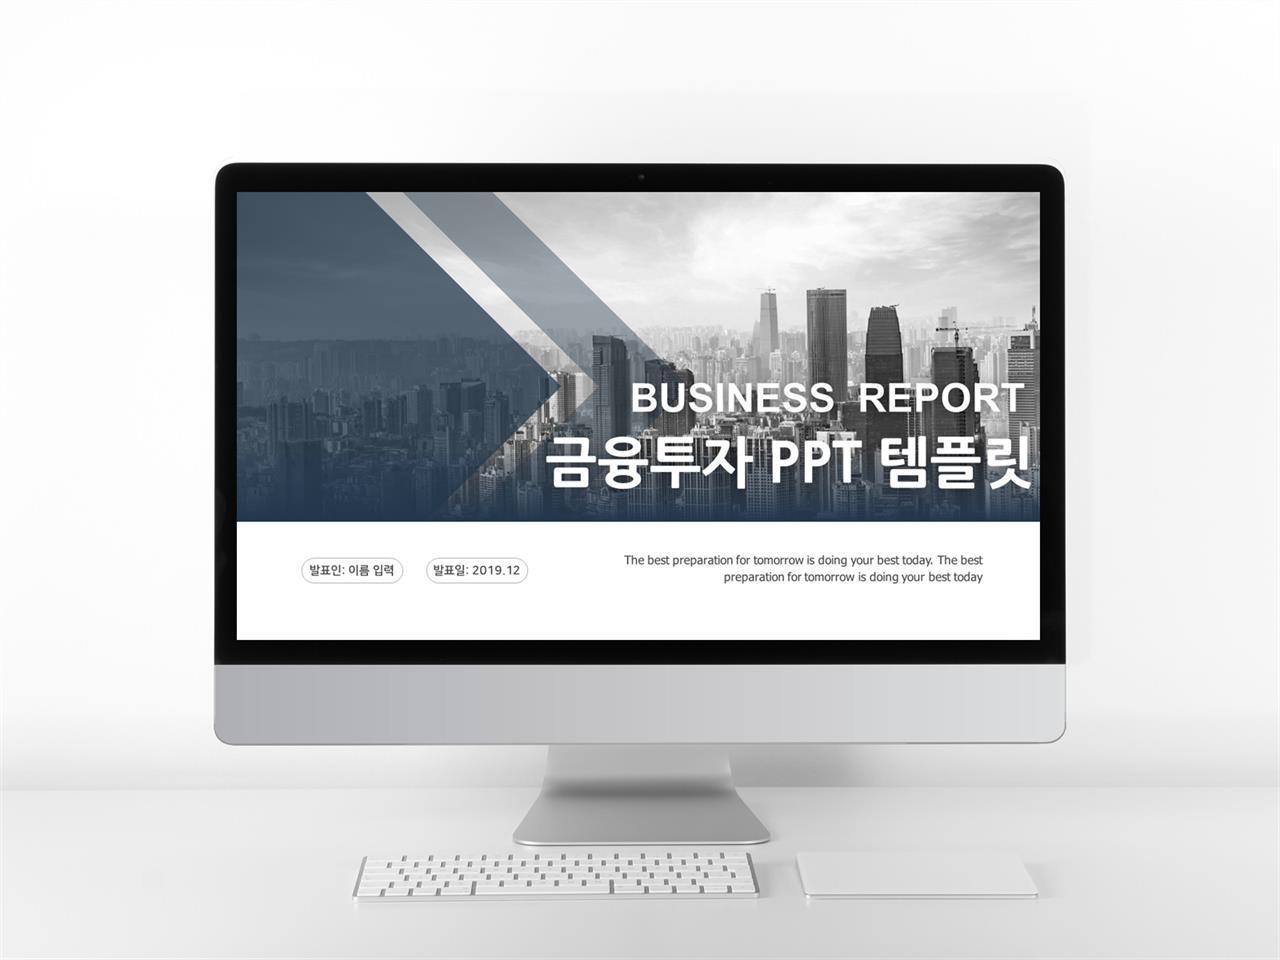 사업융자 블랙 패션느낌 고퀄리티 파워포인트탬플릿 제작 미리보기